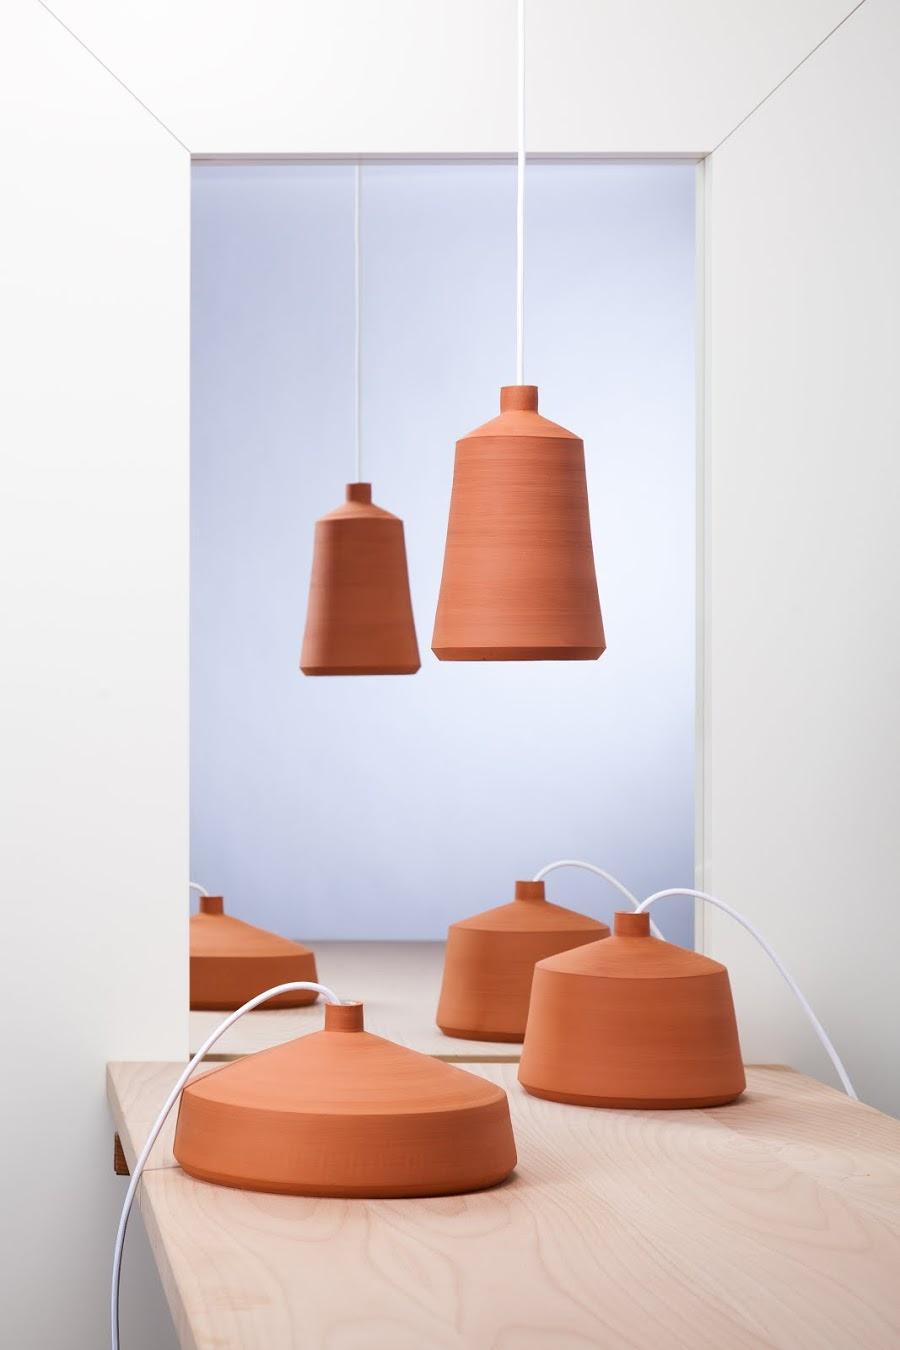 Flame serie terracotta lamper